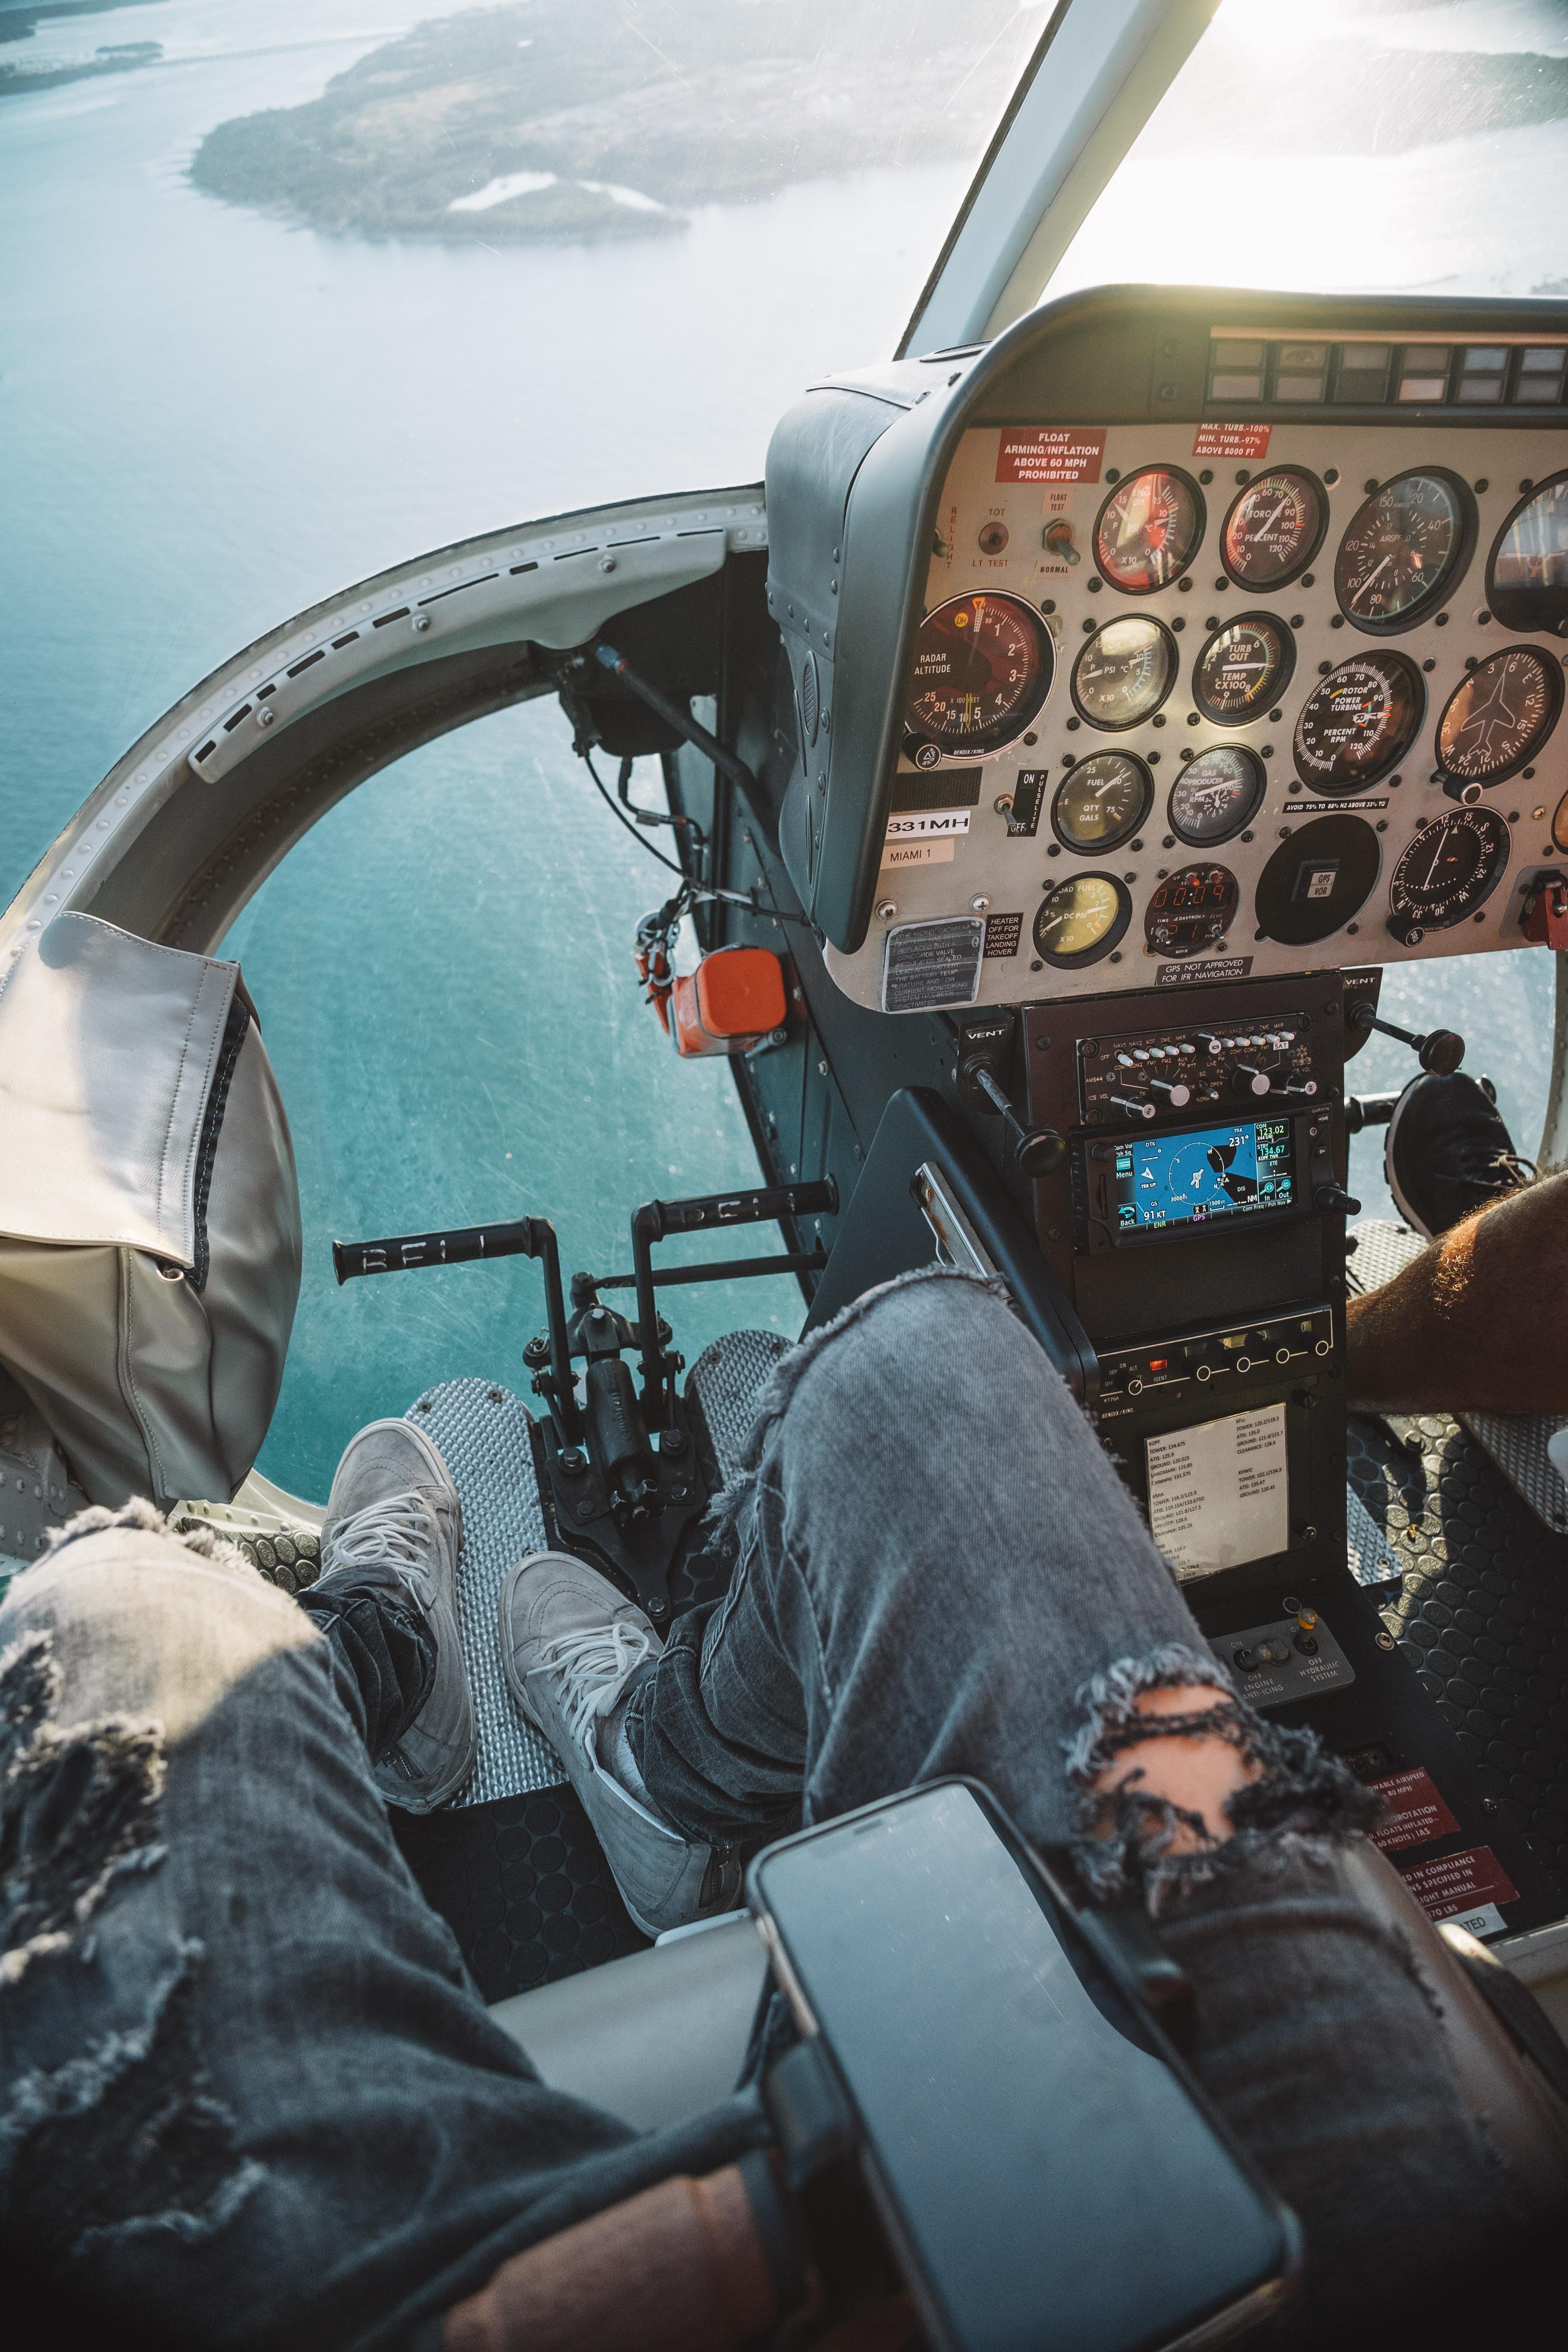 99909 Hintergrundbild herunterladen Hubschrauber, Verschiedenes, Sonstige, Überblick, Bewertung, Flug, Höhe, Pilot - Bildschirmschoner und Bilder kostenlos